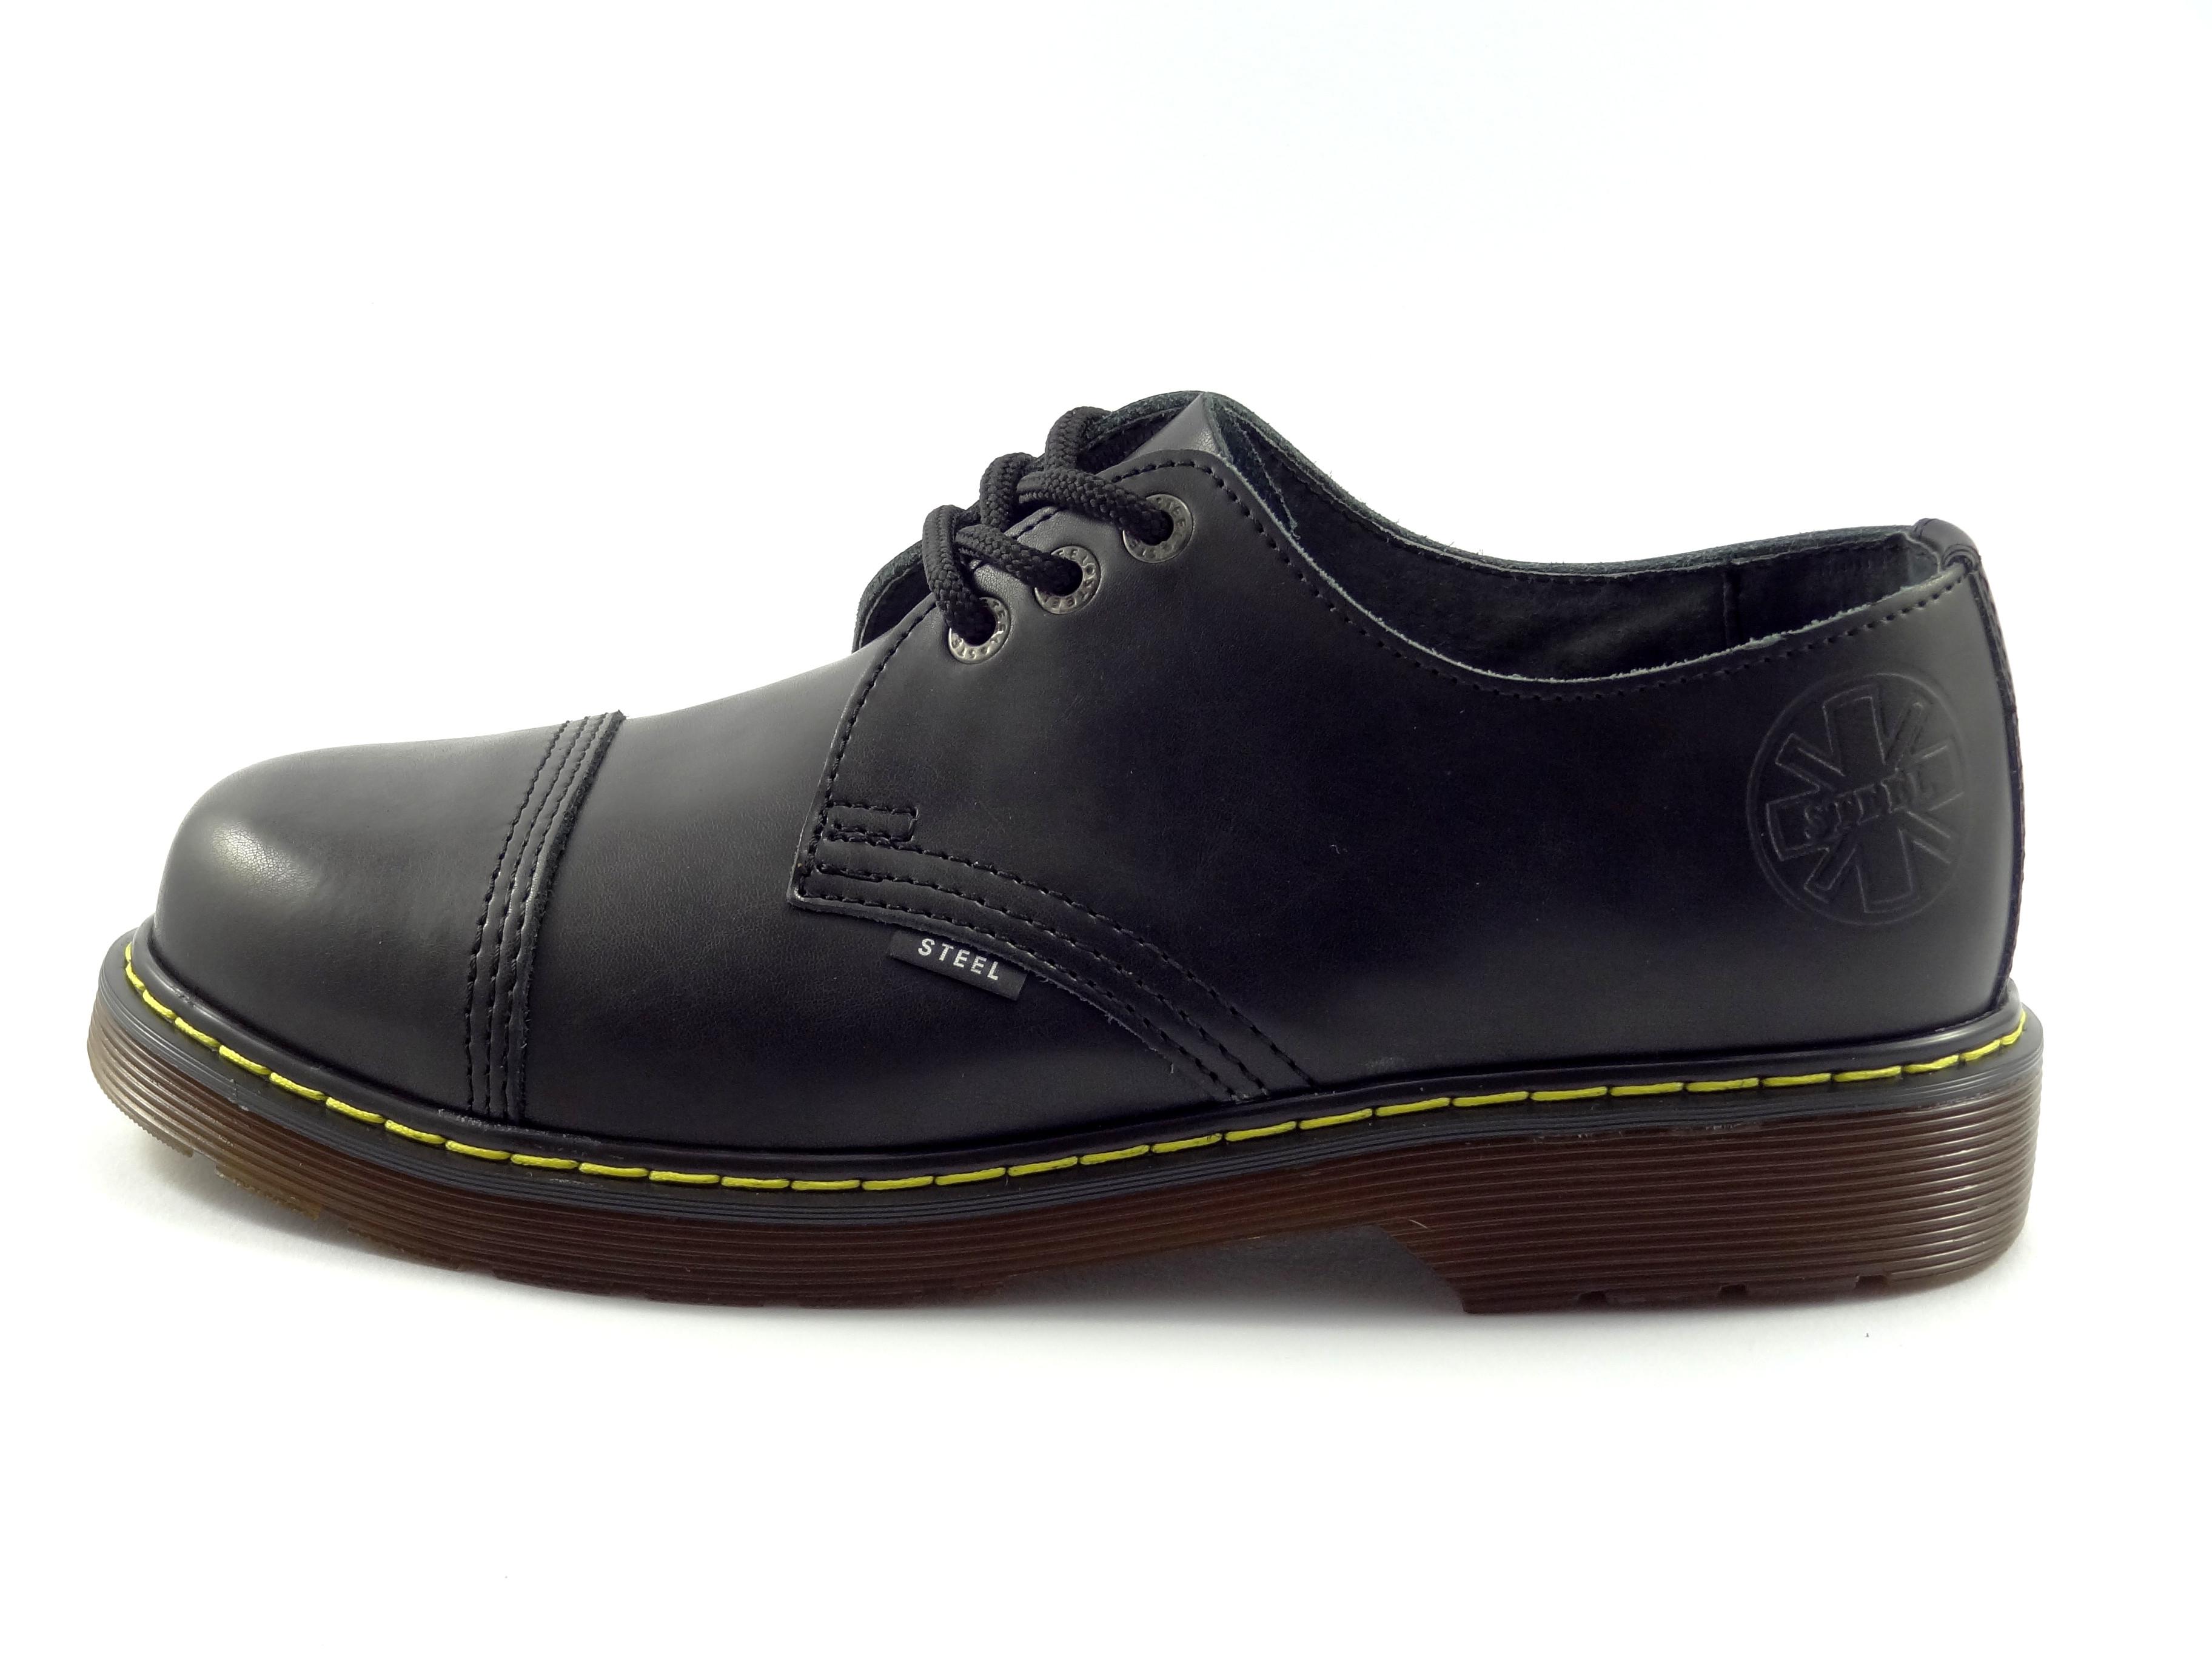 Steel boty 3 dírkové černé - bez ocelové špičky  f9bb77687f